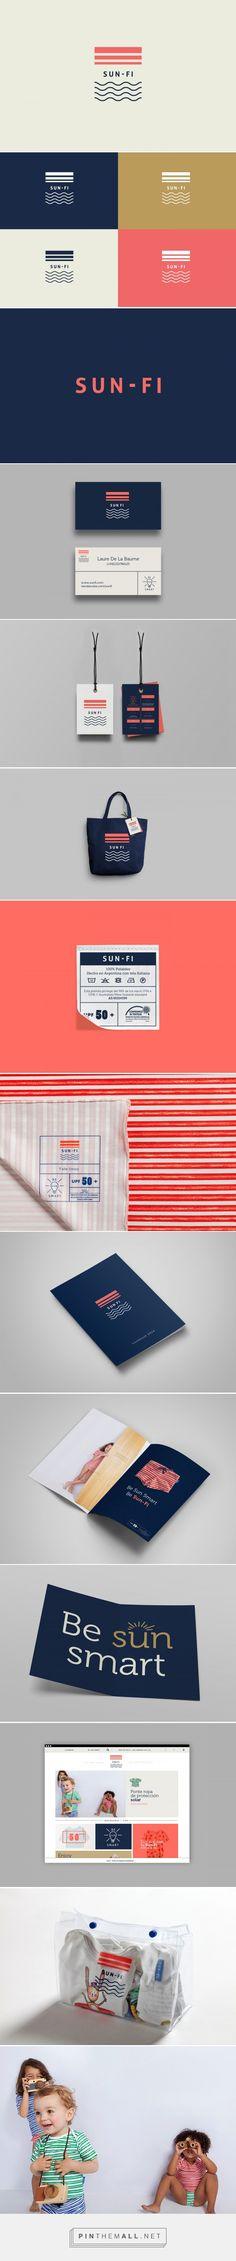 Sun-Fi Branding by Bunker3022 on Behance | Fivestar Branding – Design and Branding Agency & Inspiration Gallery